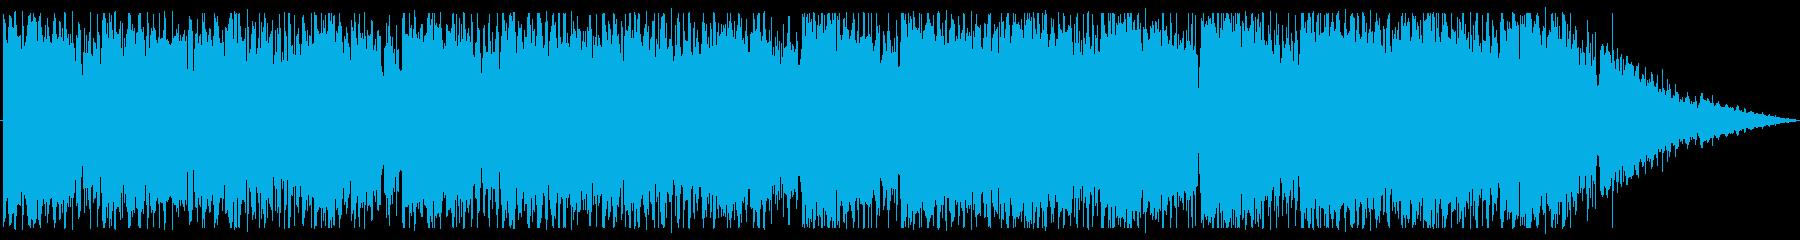 切ない雰囲気で透明感のあるBGMの再生済みの波形